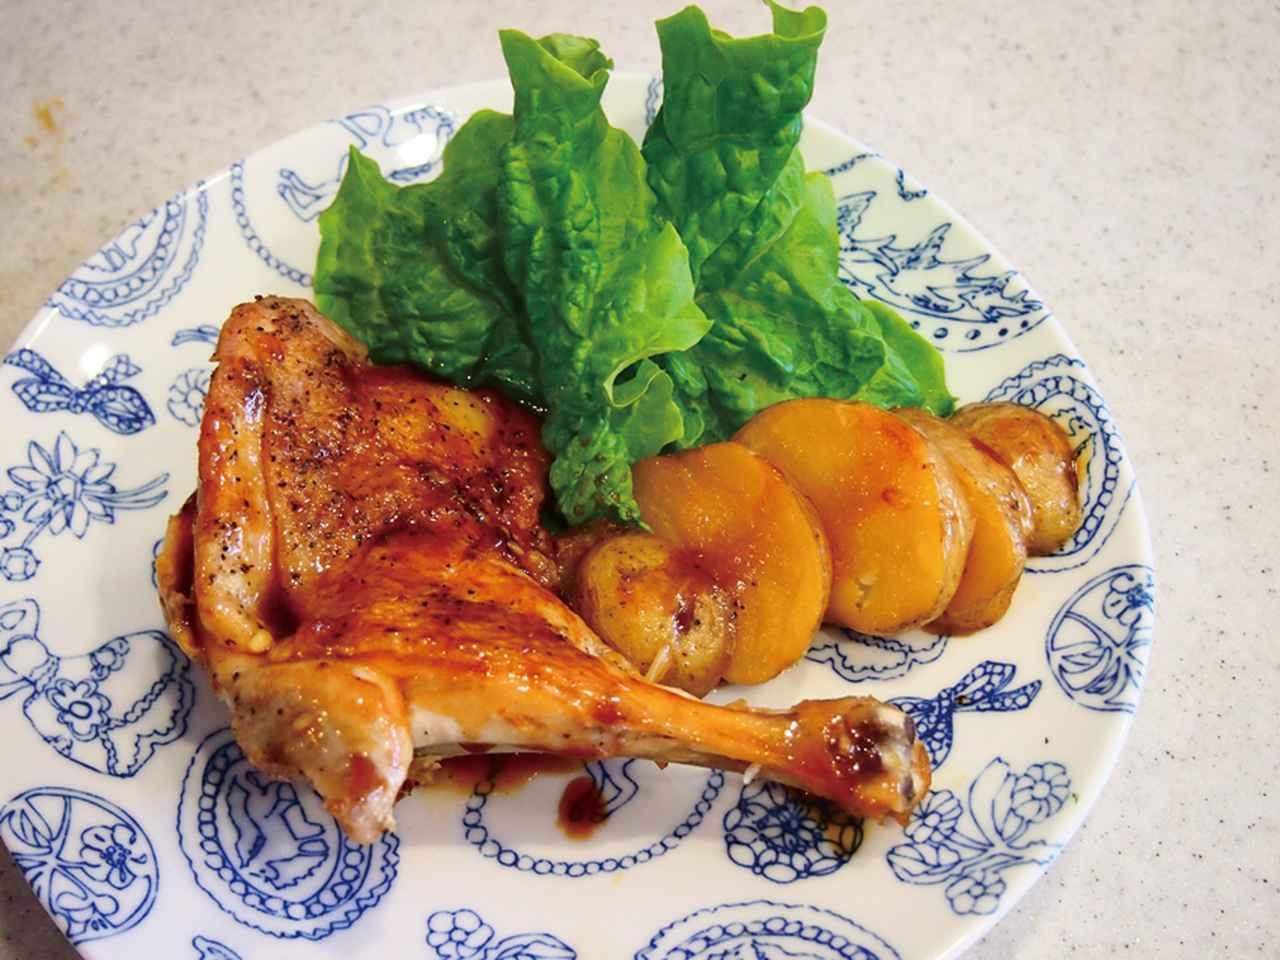 画像: 煮詰めたソースを鶏肉にかけて出来上がり。一緒に圧力調理したジャガイモを添える。